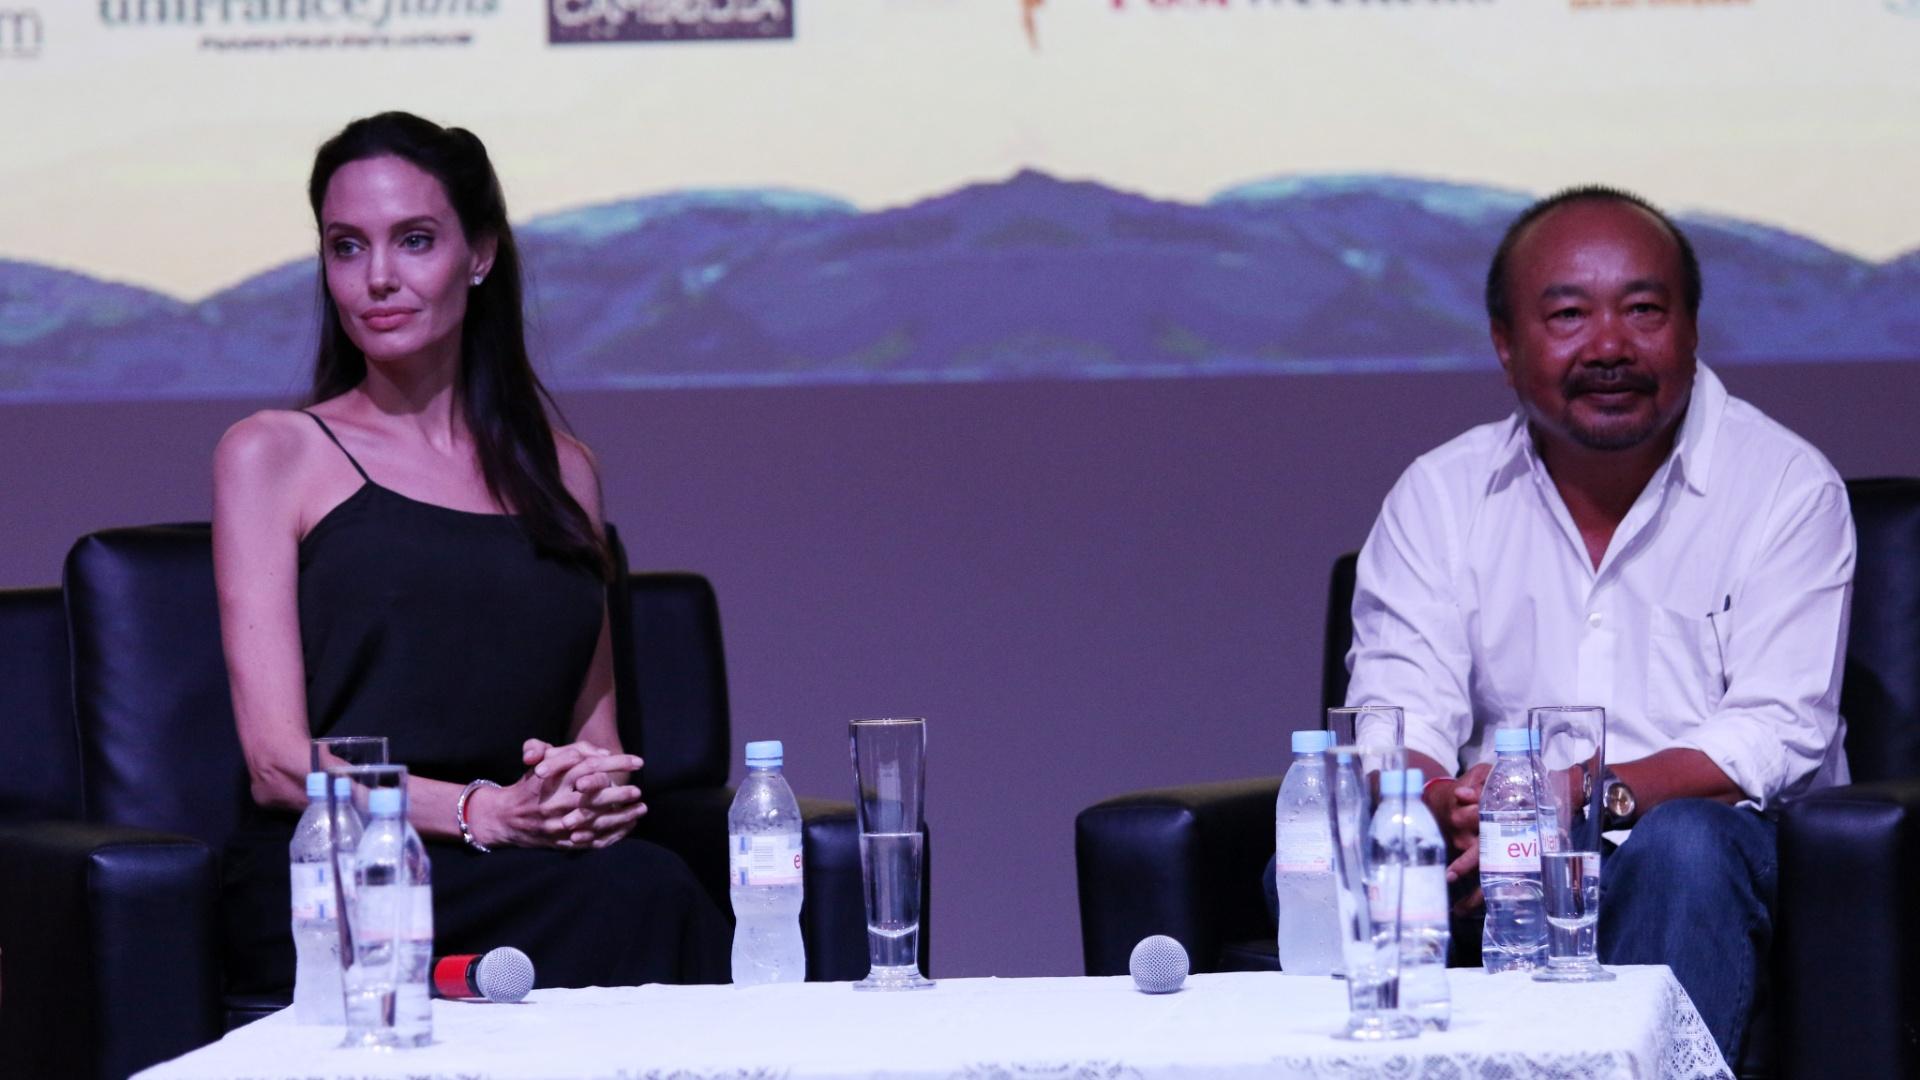 5.dez.2015 - A atriz e cineasta Angelina Jolie participa de debate com jovens cineastas locais durante o Festival Internacional de Cinema do Camboja